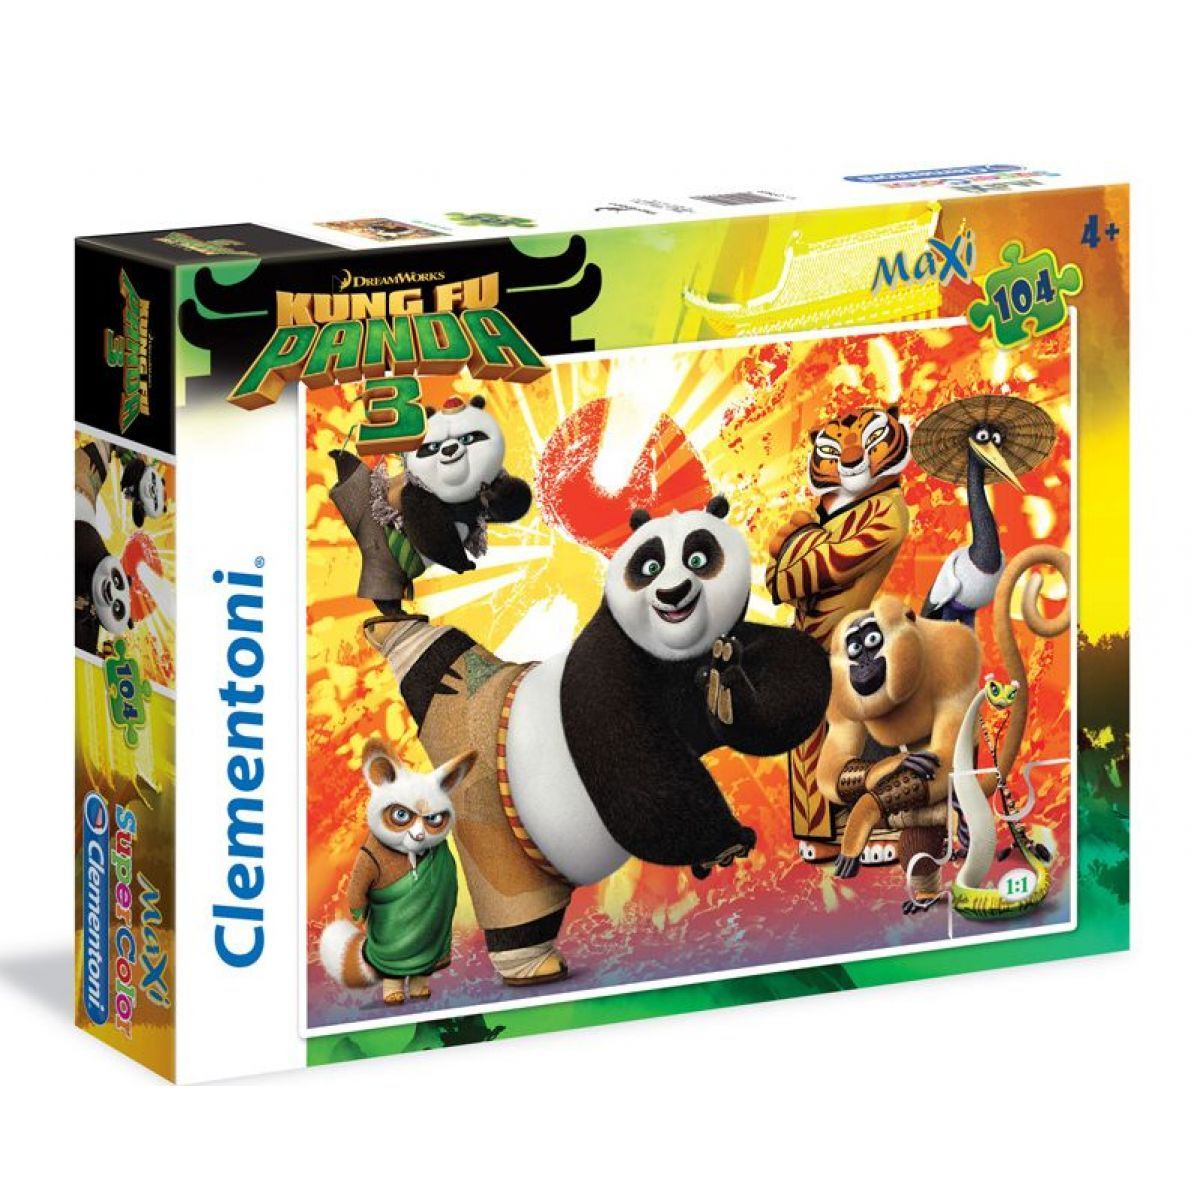 Clementoni Kung Fu Panda 3 Supercolor Maxi Puzzle 104d